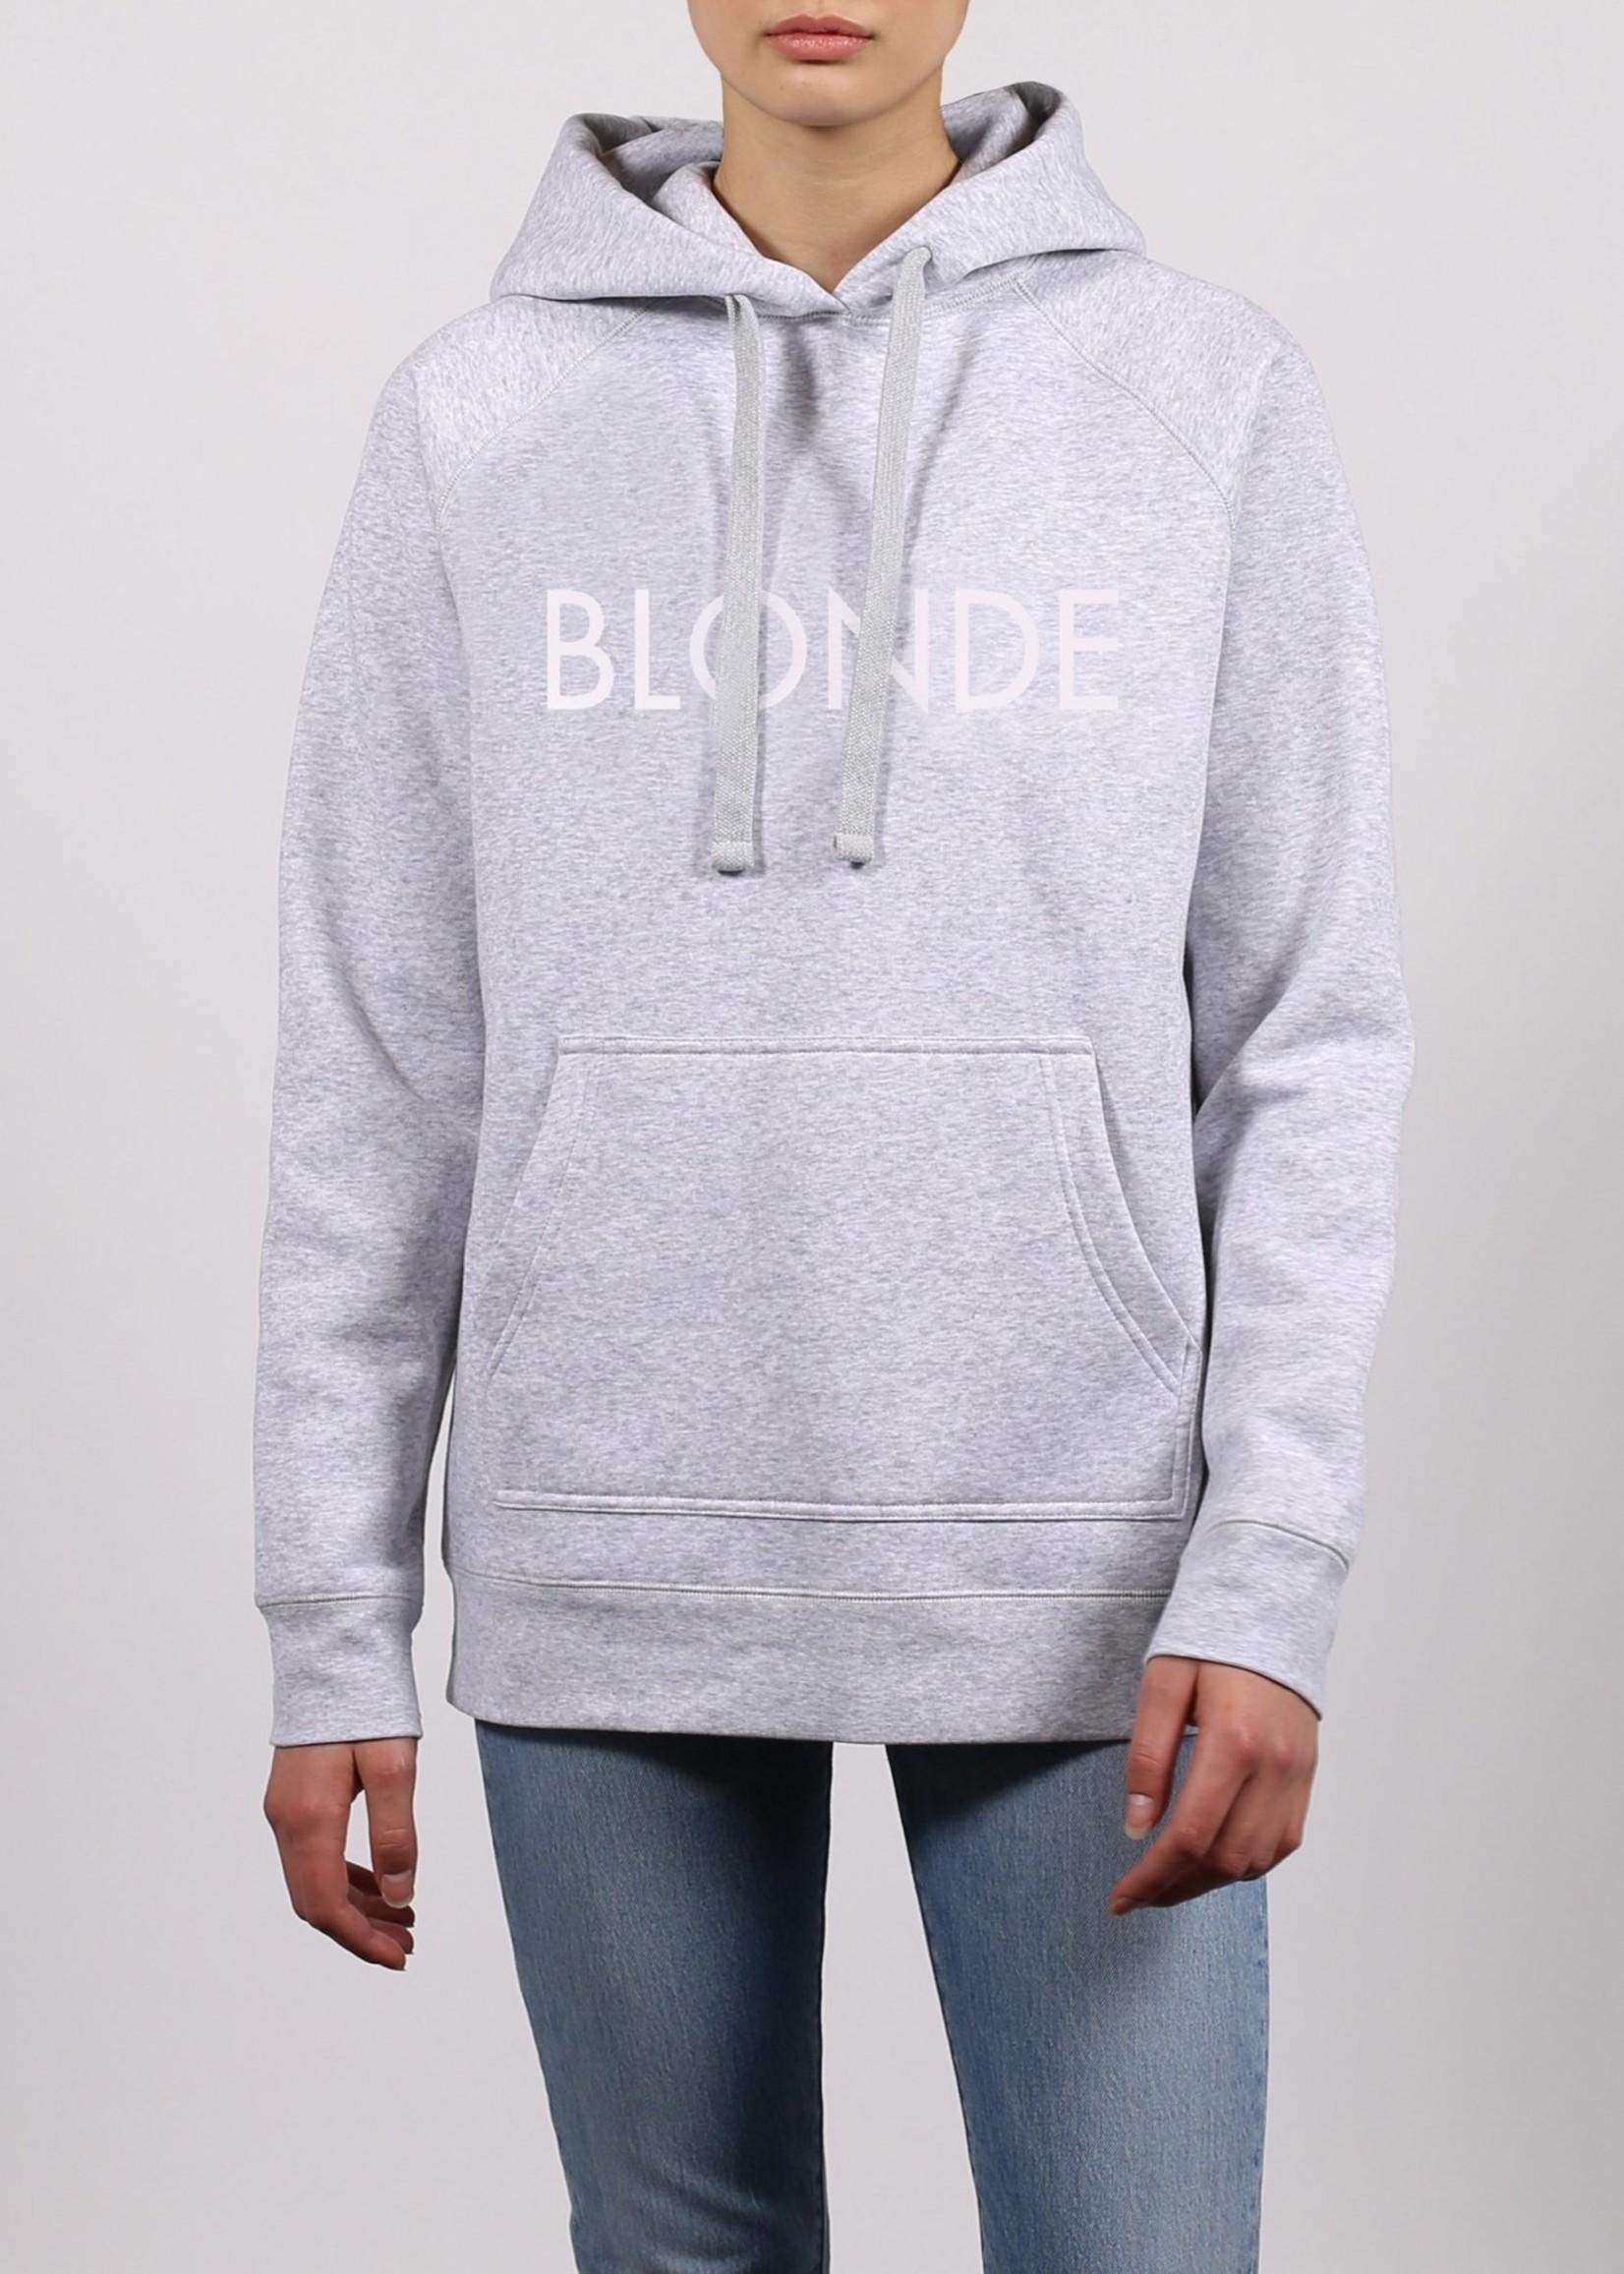 BRUNETTE  the label BLONDE Hoodie